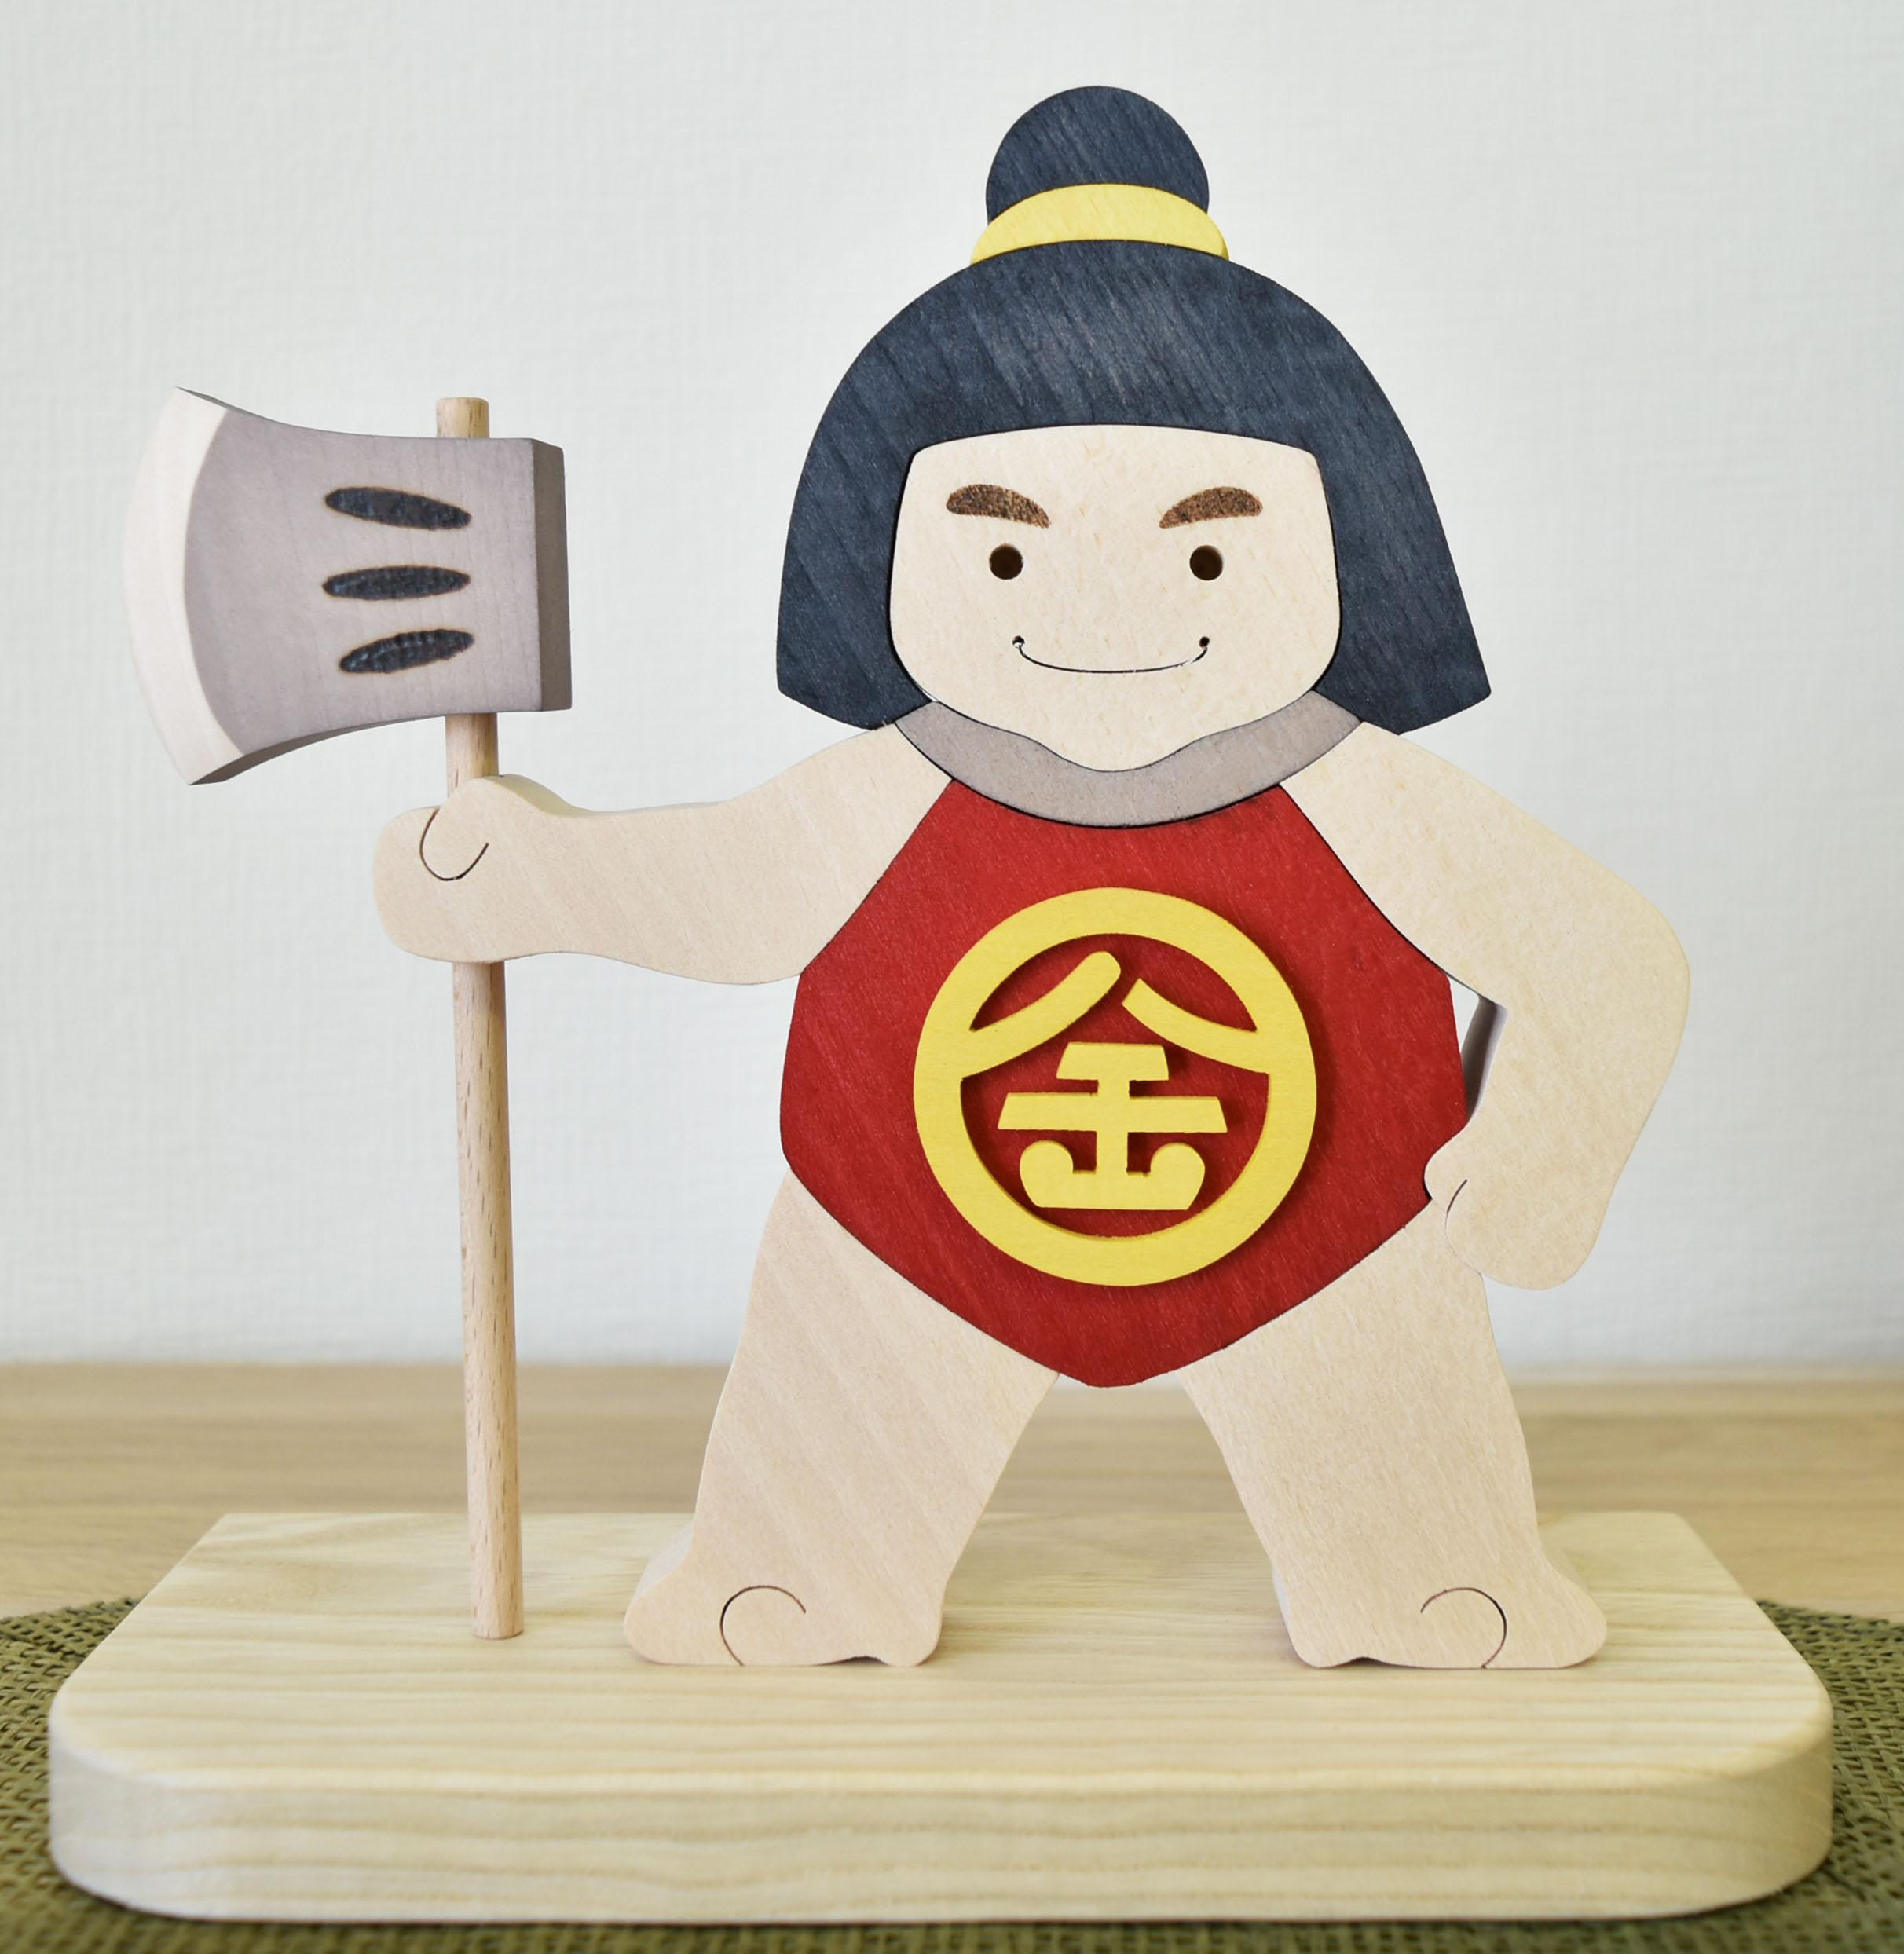 木製 期間限定で特別価格 人形 日本製 手作り 金太郎 五月人形 端午 子供大将 飾り シンプル コンパクト かわいい 強い 小さい 天然木 お祝い 大将 売却 さわれる 初節句 子供の日 プレゼント おしゃれ 木 子ども インテリア 男の子 ミニ きんたろう